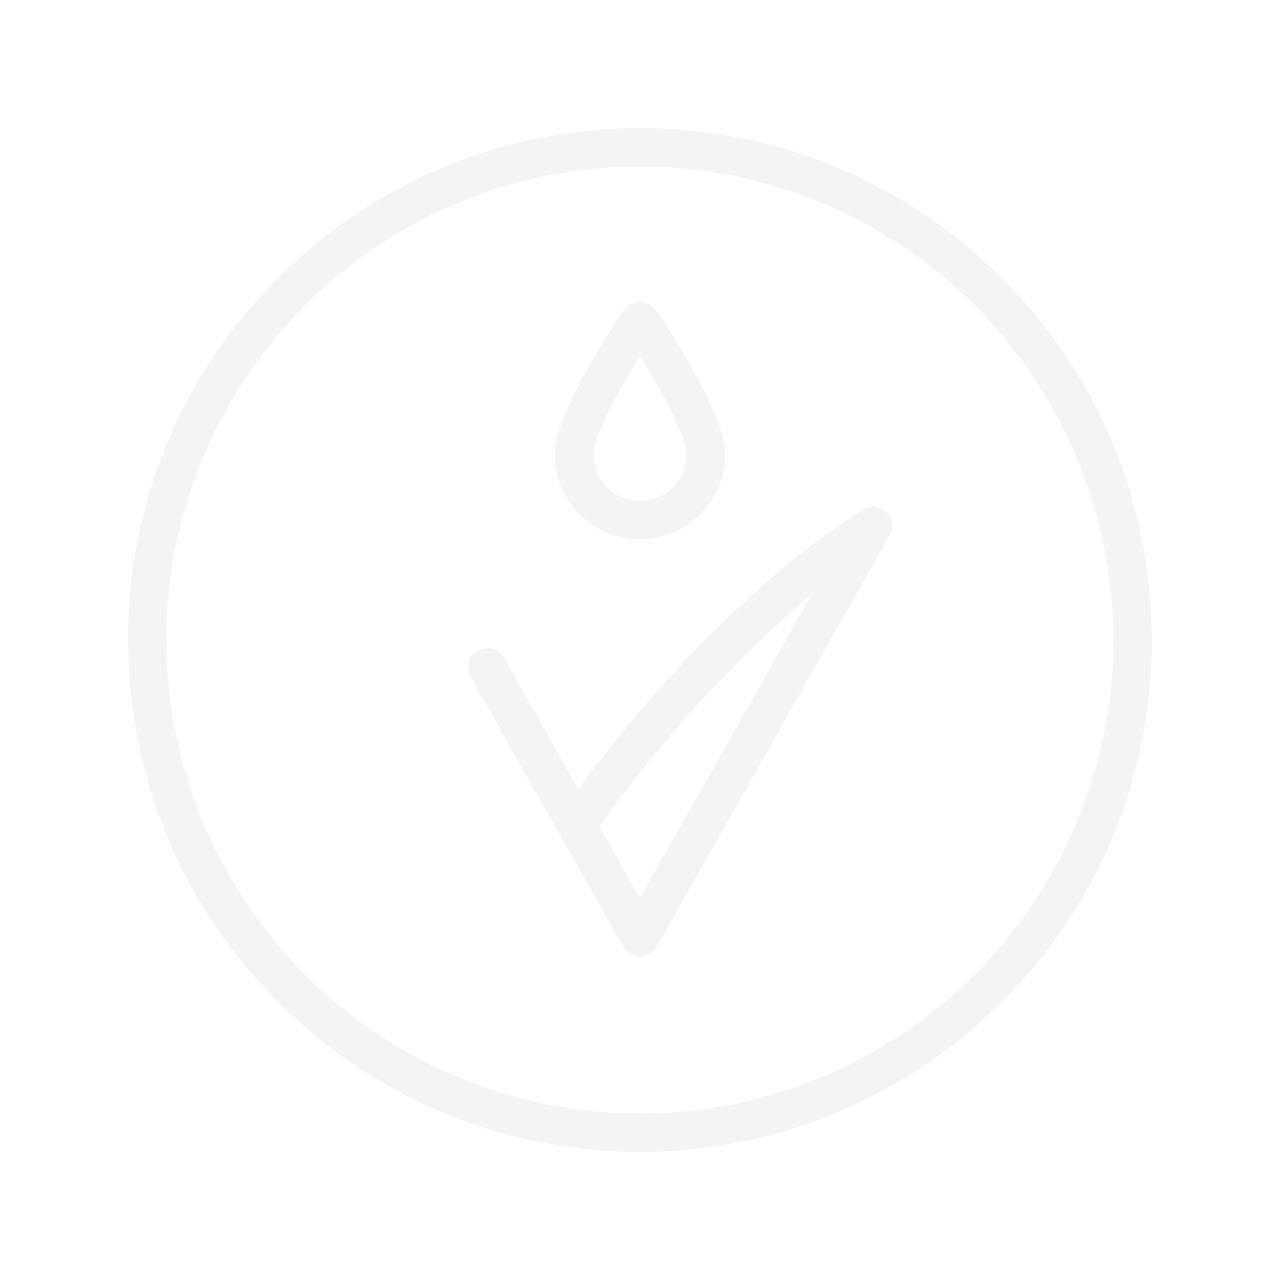 DOLCE & GABBANA Light Blue Eau Intense EDP 50ml